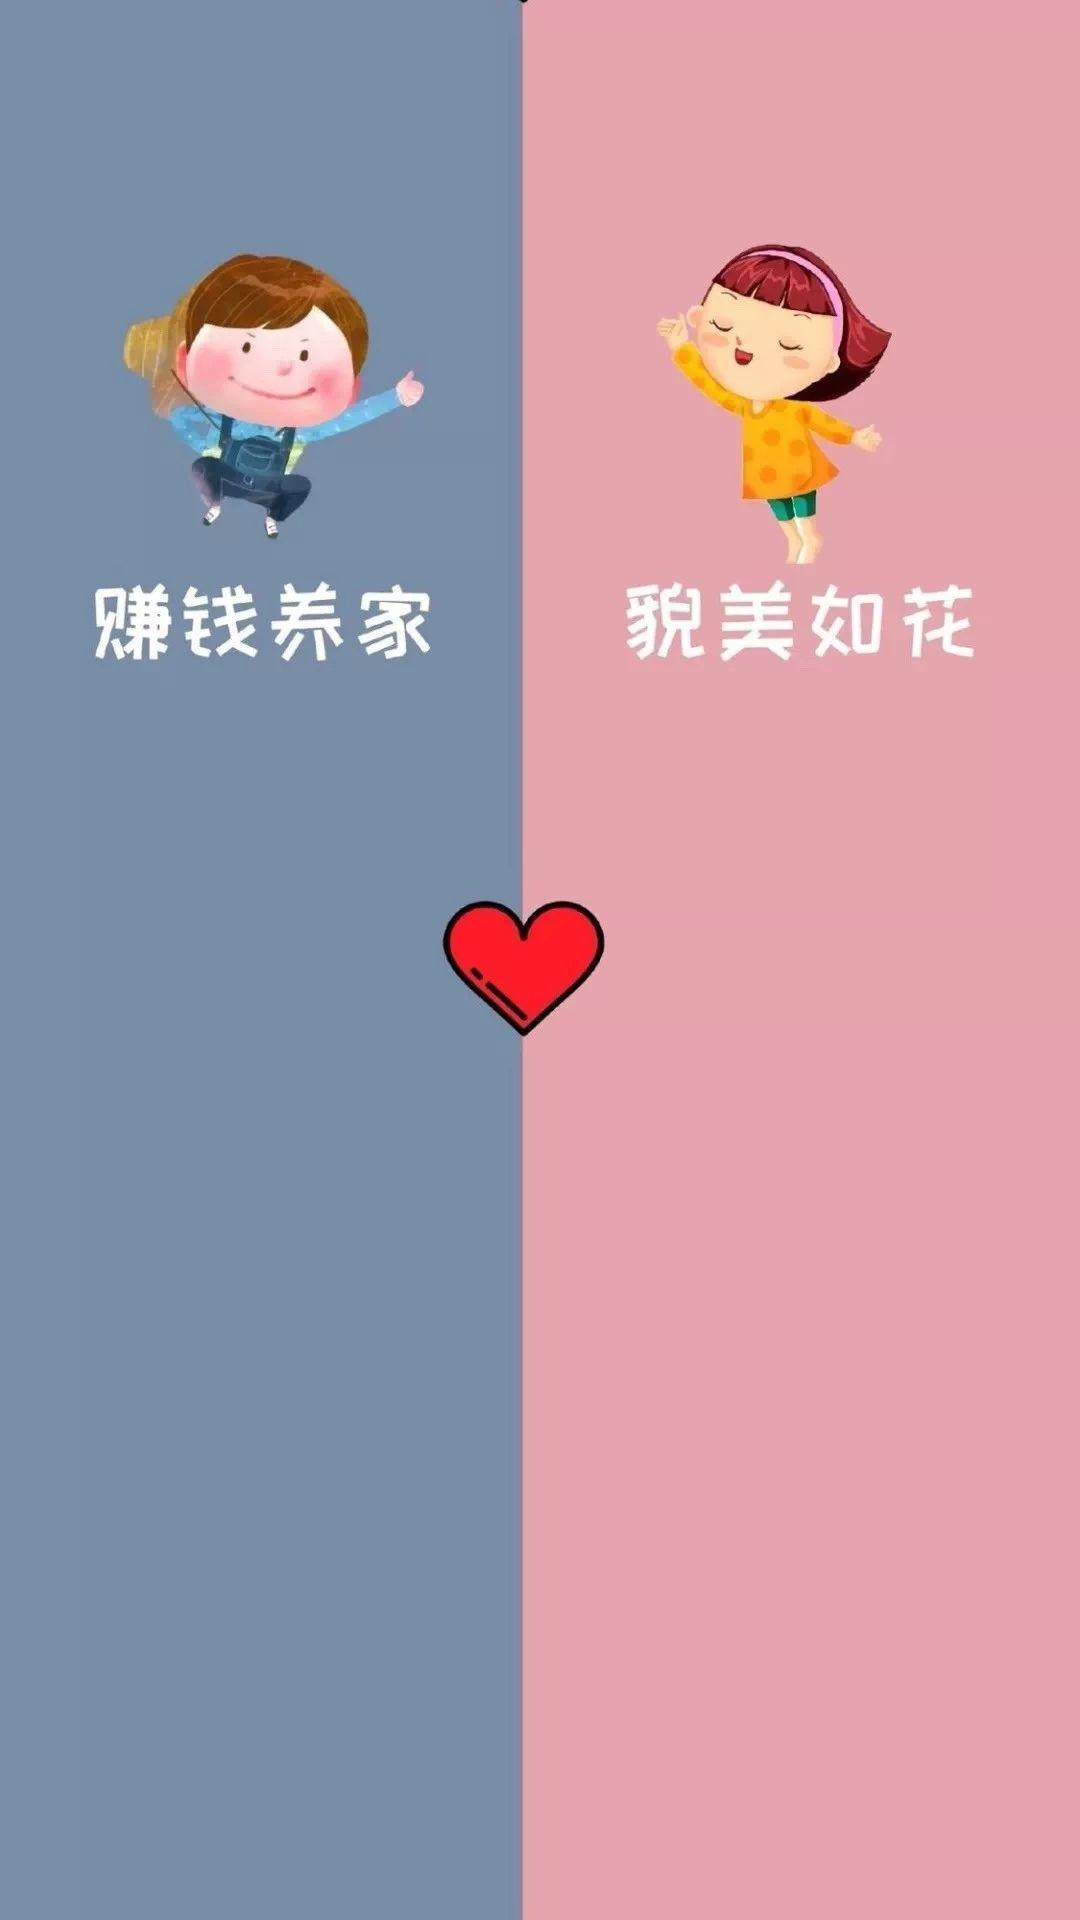 QQ微信聊天背景图:发财和发朋友圈,你总要发一个吧!插图13